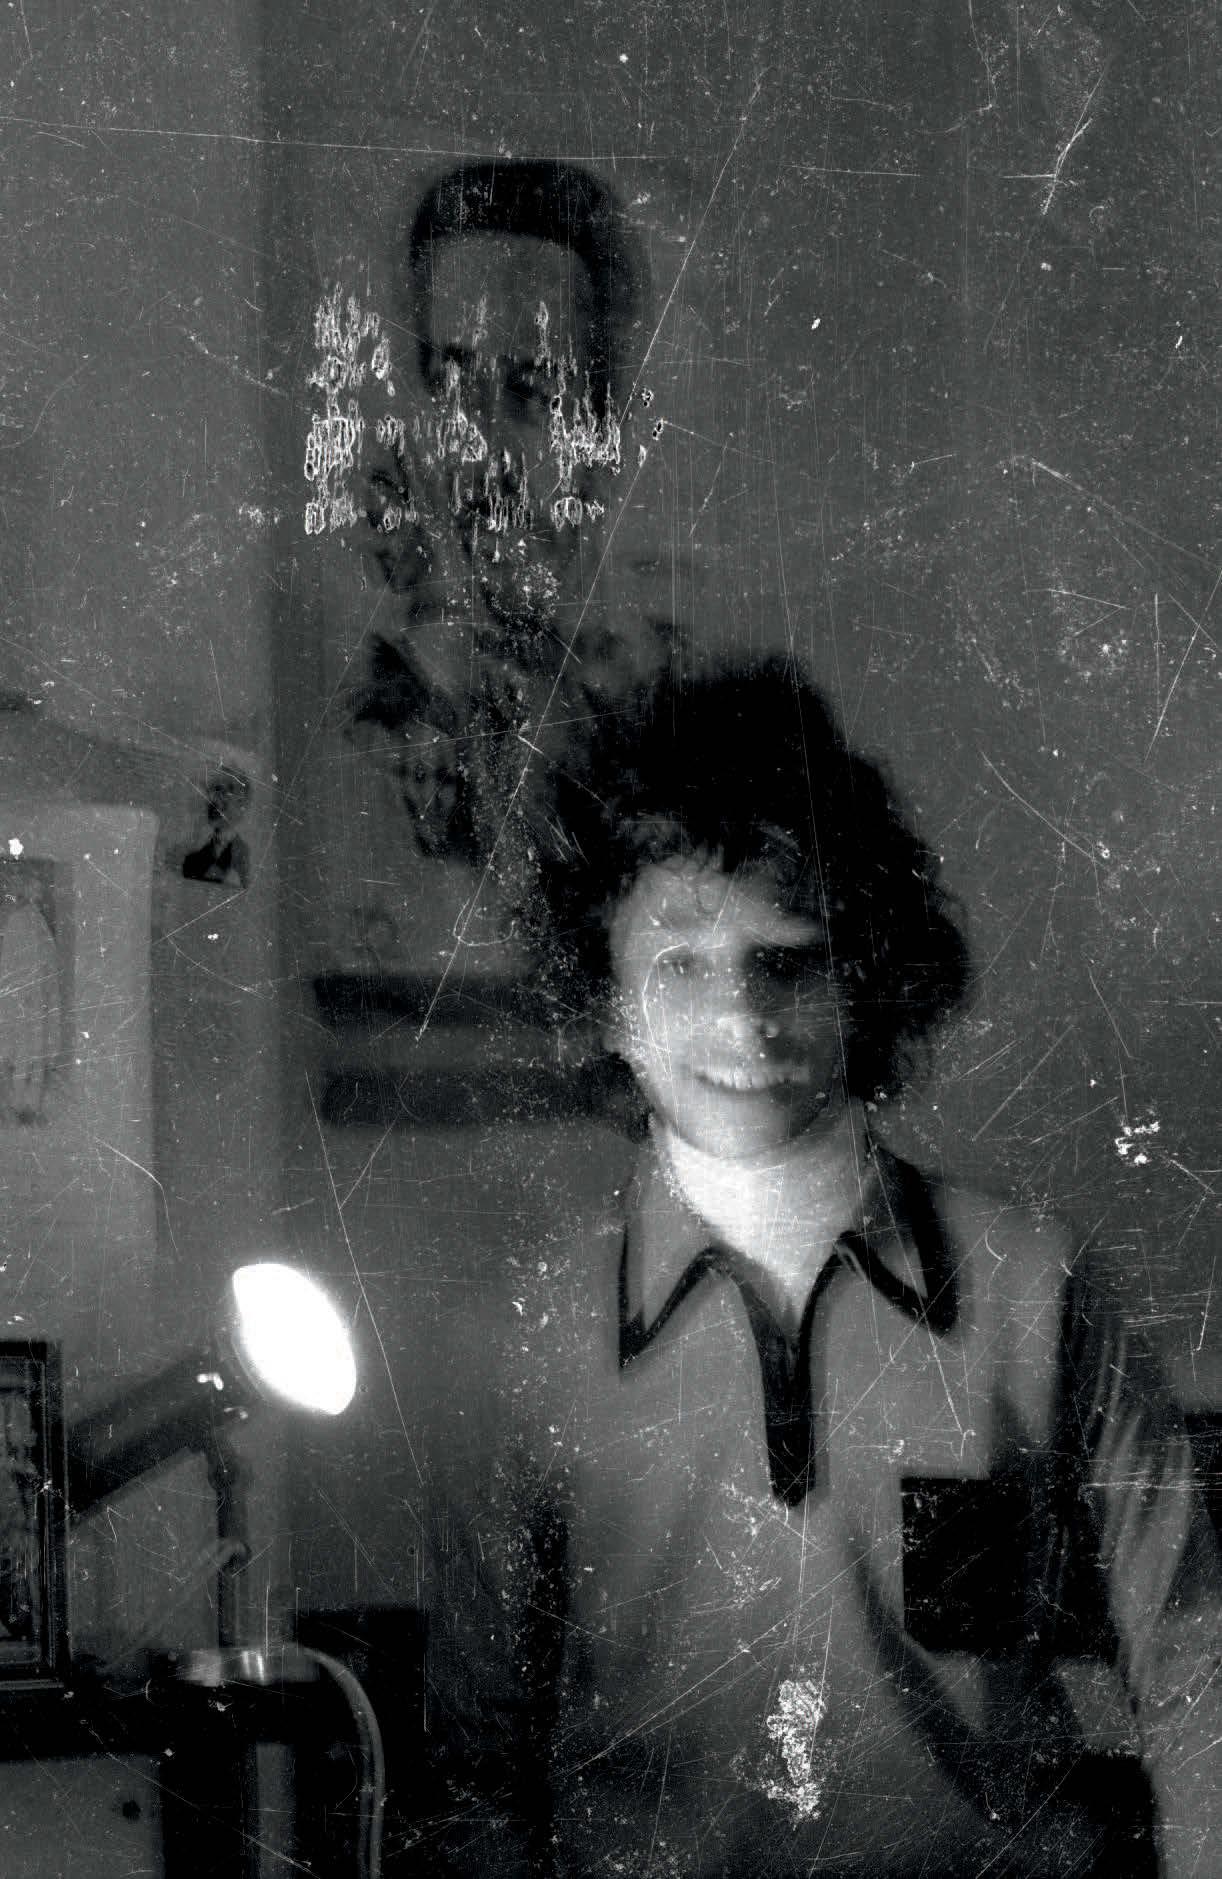 russell-newell-peckham-london-1977.jpg